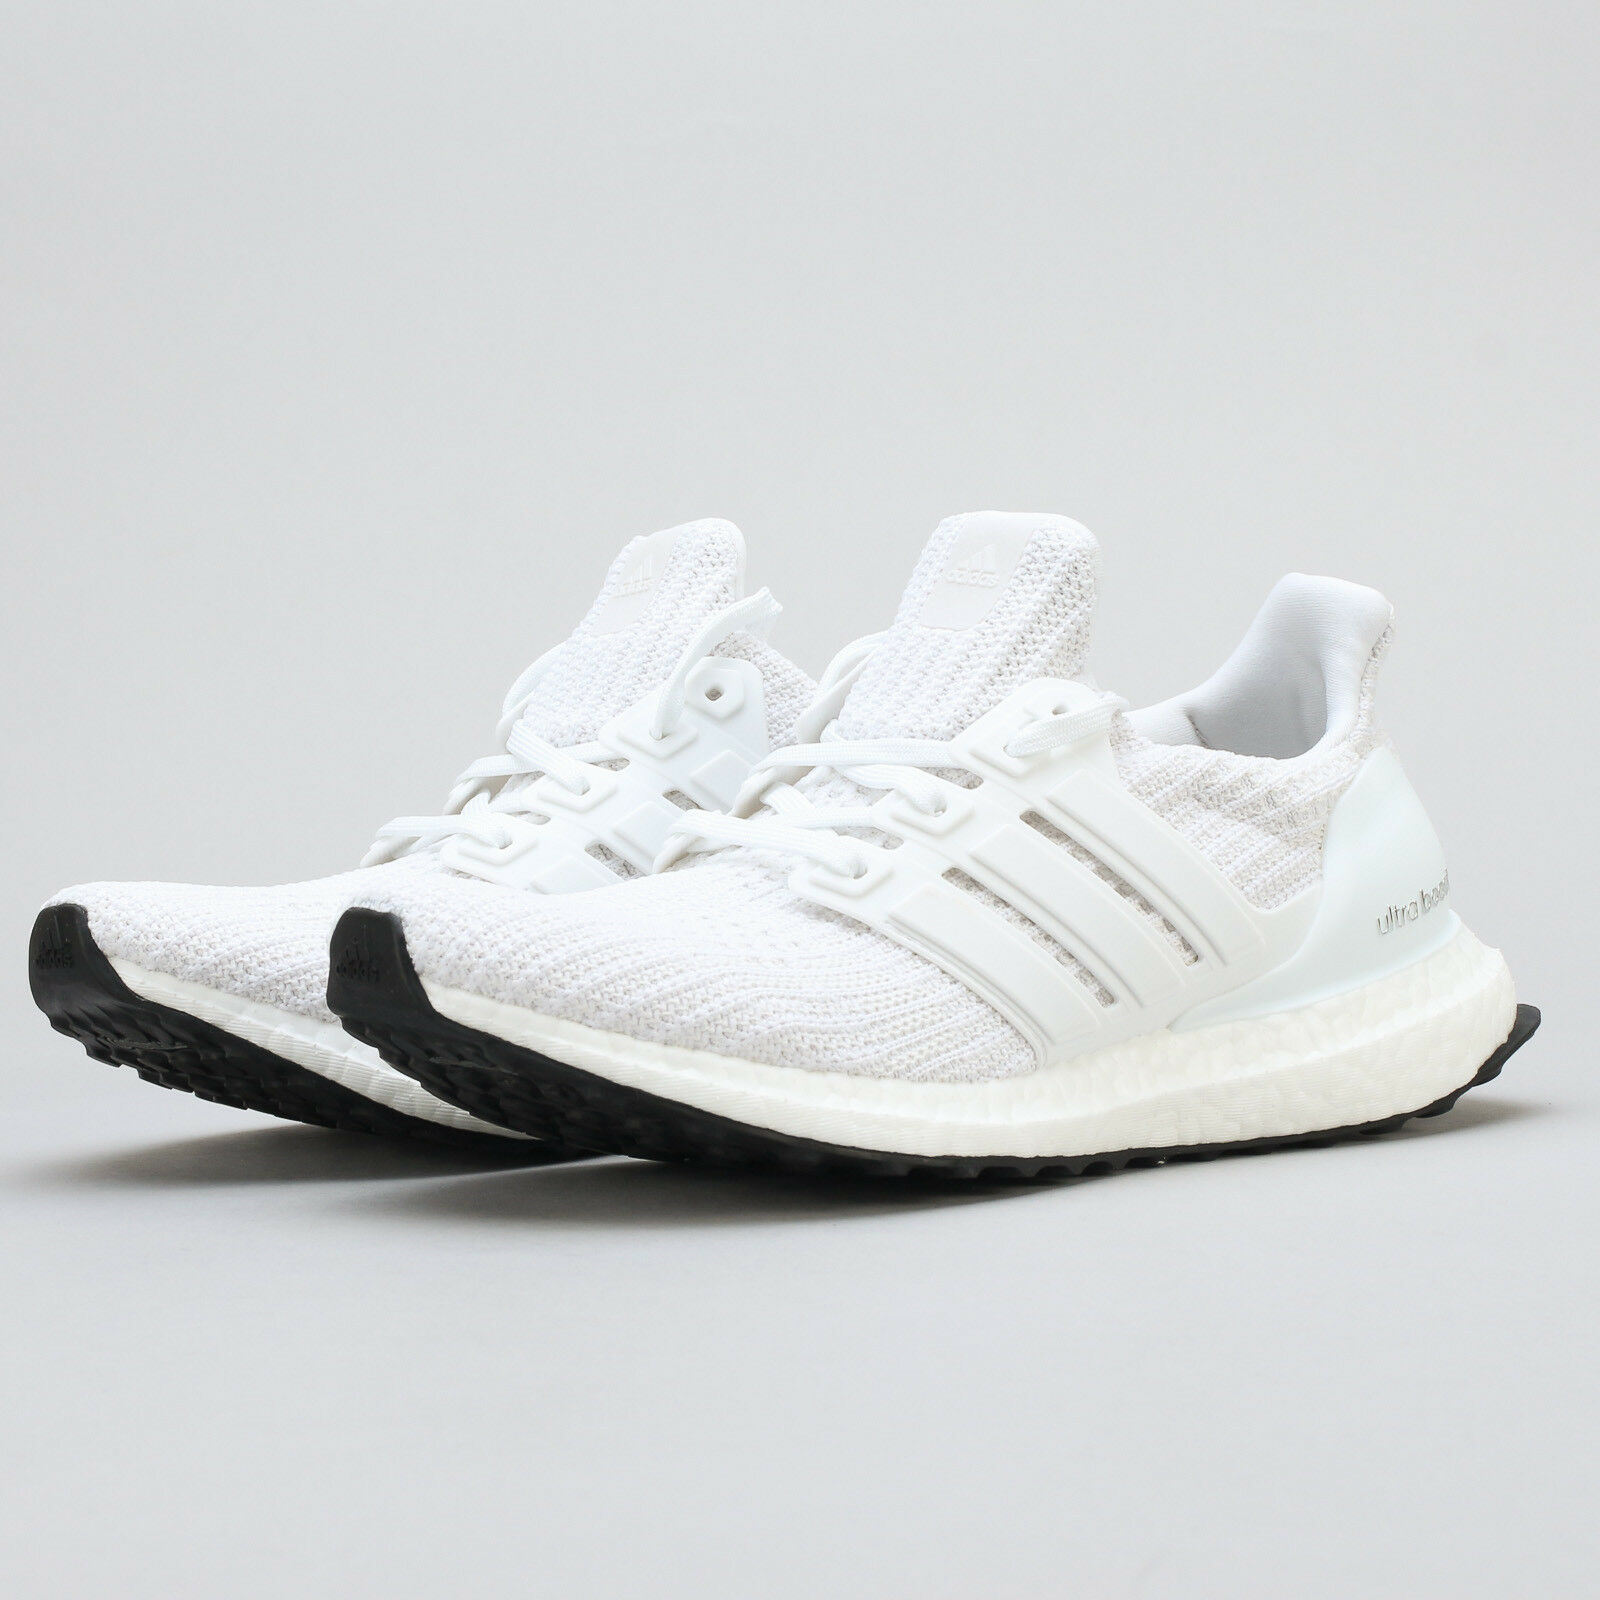 adidas UltraBOOST W ftwwht / ftwwht / ftwwht US 7 (eur 38 2/3), Frauen, Weiß